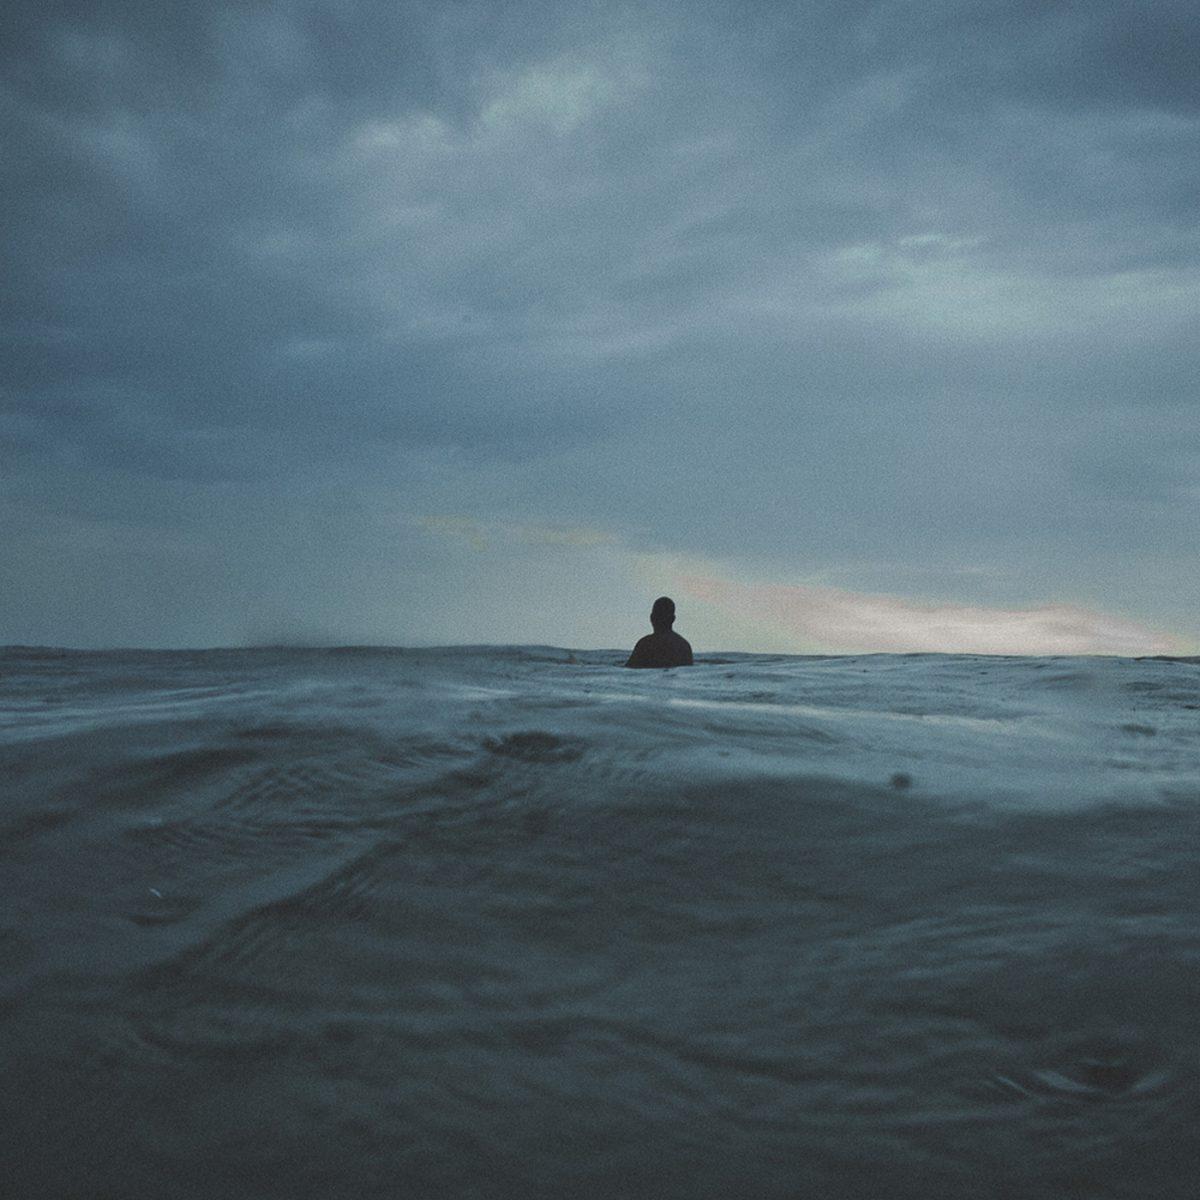 Surfista solitário sentado sobre a prancha no outside espera a série olhando para o horizonte sob um céu nublado